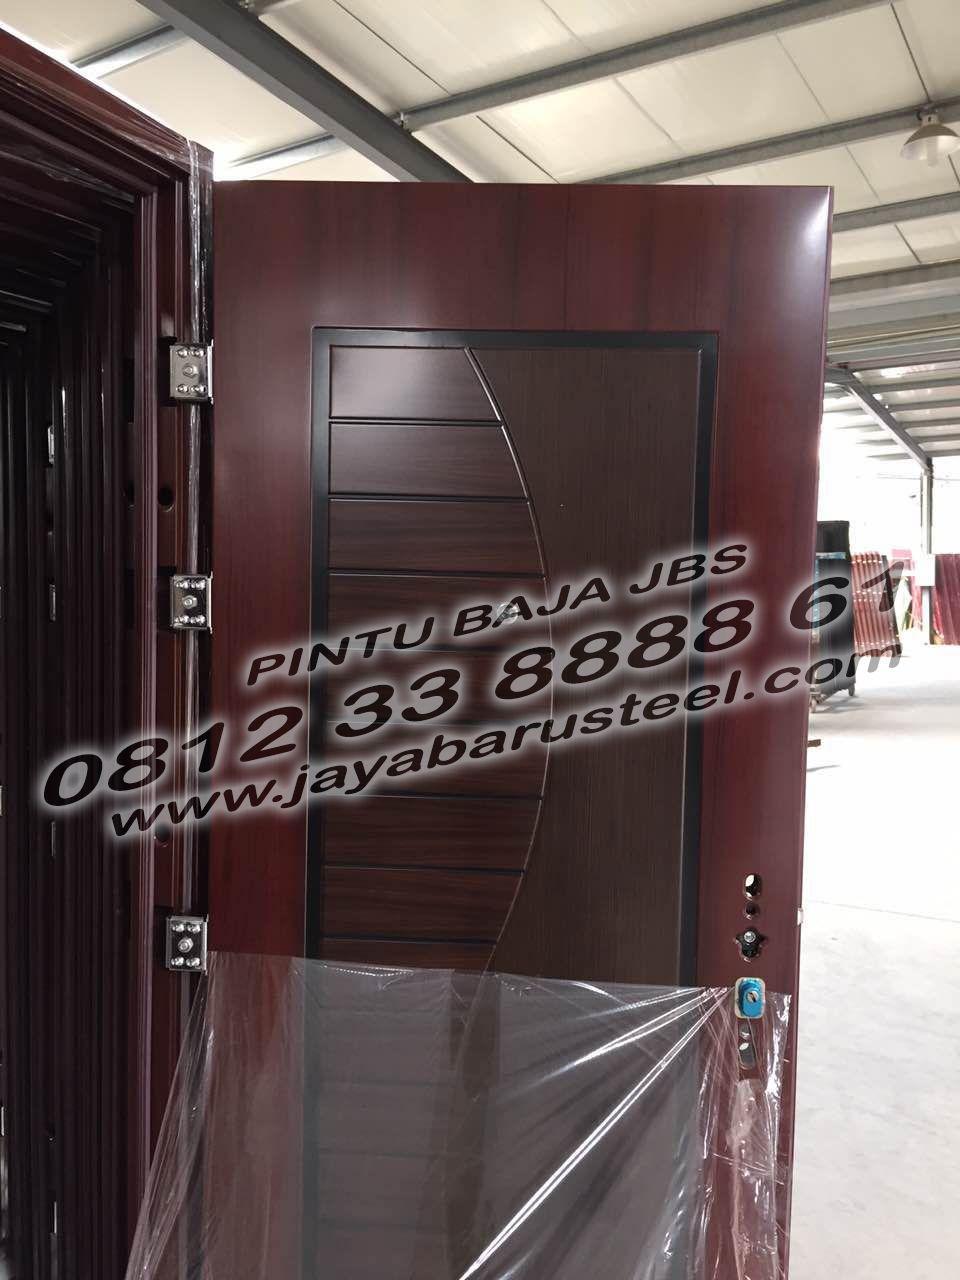 Pintu Kamar Tidur Gambar Pintu Kamar Desain Pintu Kamar Pintu Kamar Minimalis 2018 Pintu Kamar Hotel Harga Pintu Kamar Tidur Pintu Ka Pintu Modern Desain